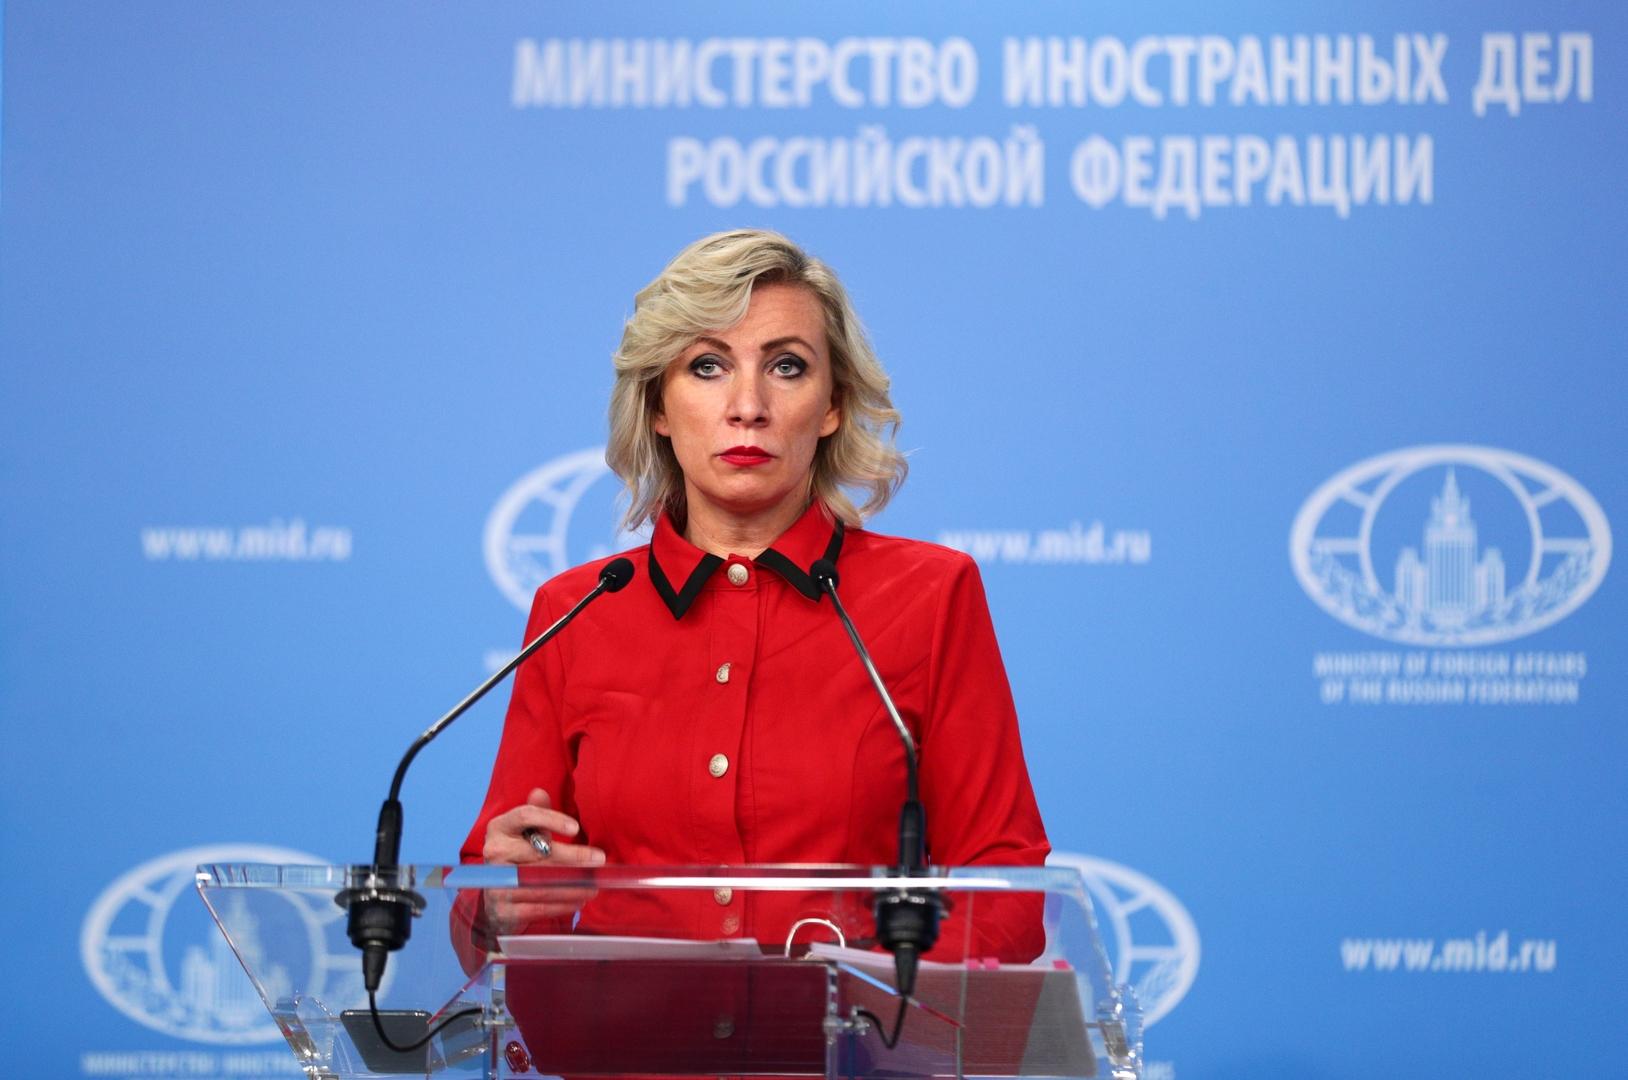 زاخاروفا تعلق على الانتقاد الأوروبي لحظر هنغاريا للترويج للمثلية